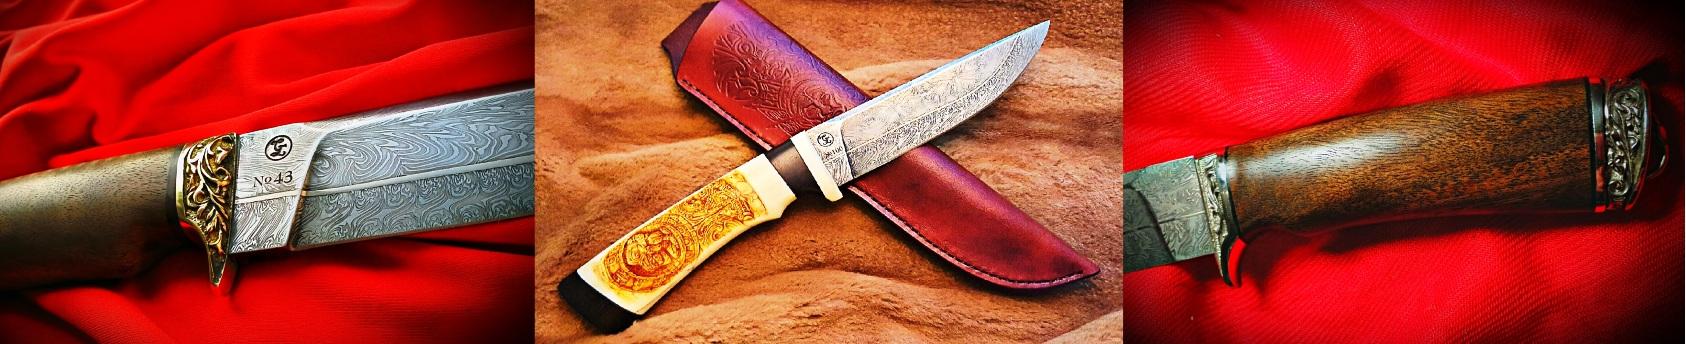 Medžioklinis peilis